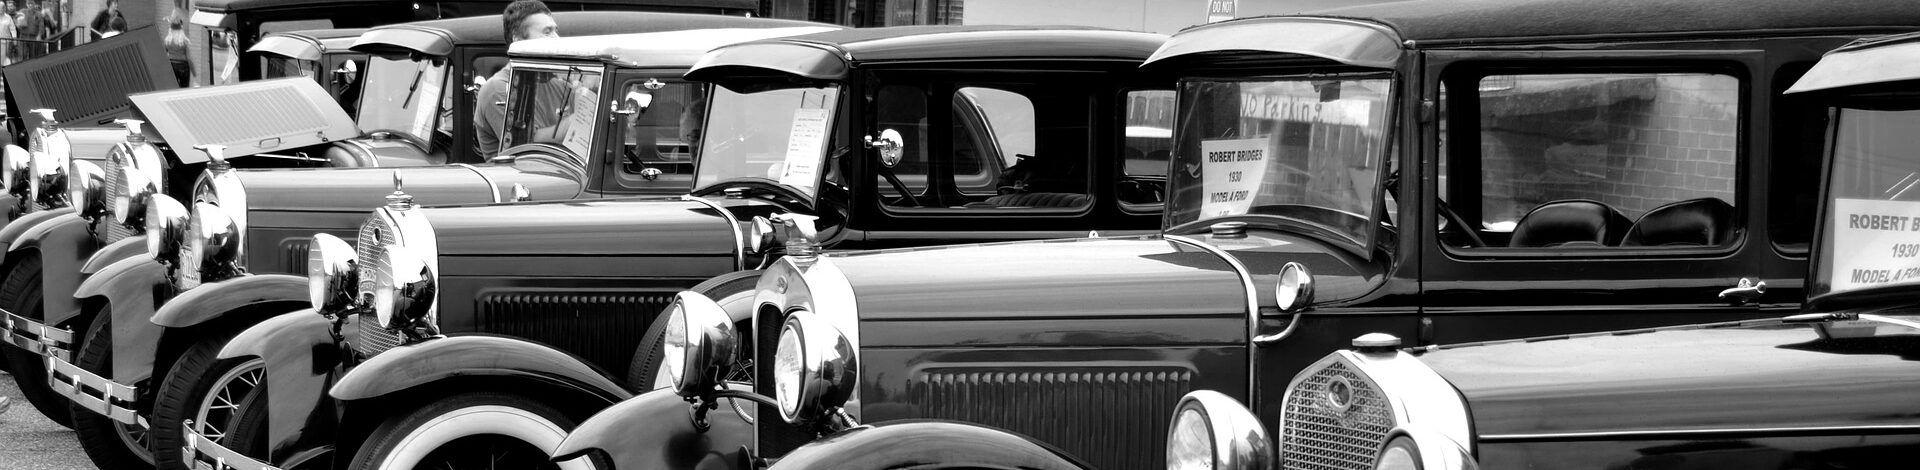 los-mejores-coches-de-la-historia